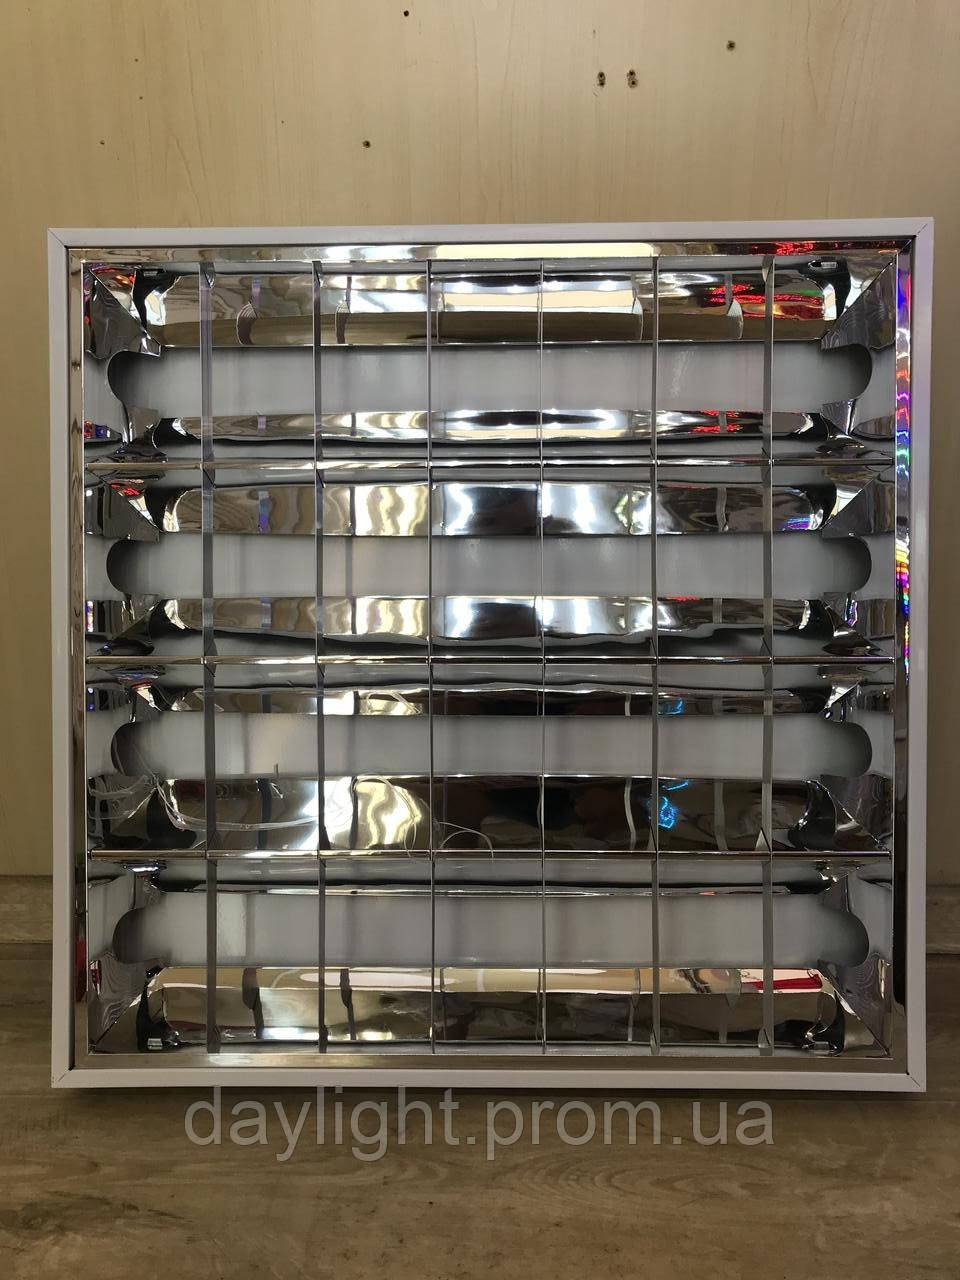 Растровый накладной светильник 600х600 под люминесцентные лампы (дросель, стартер в комплекте)